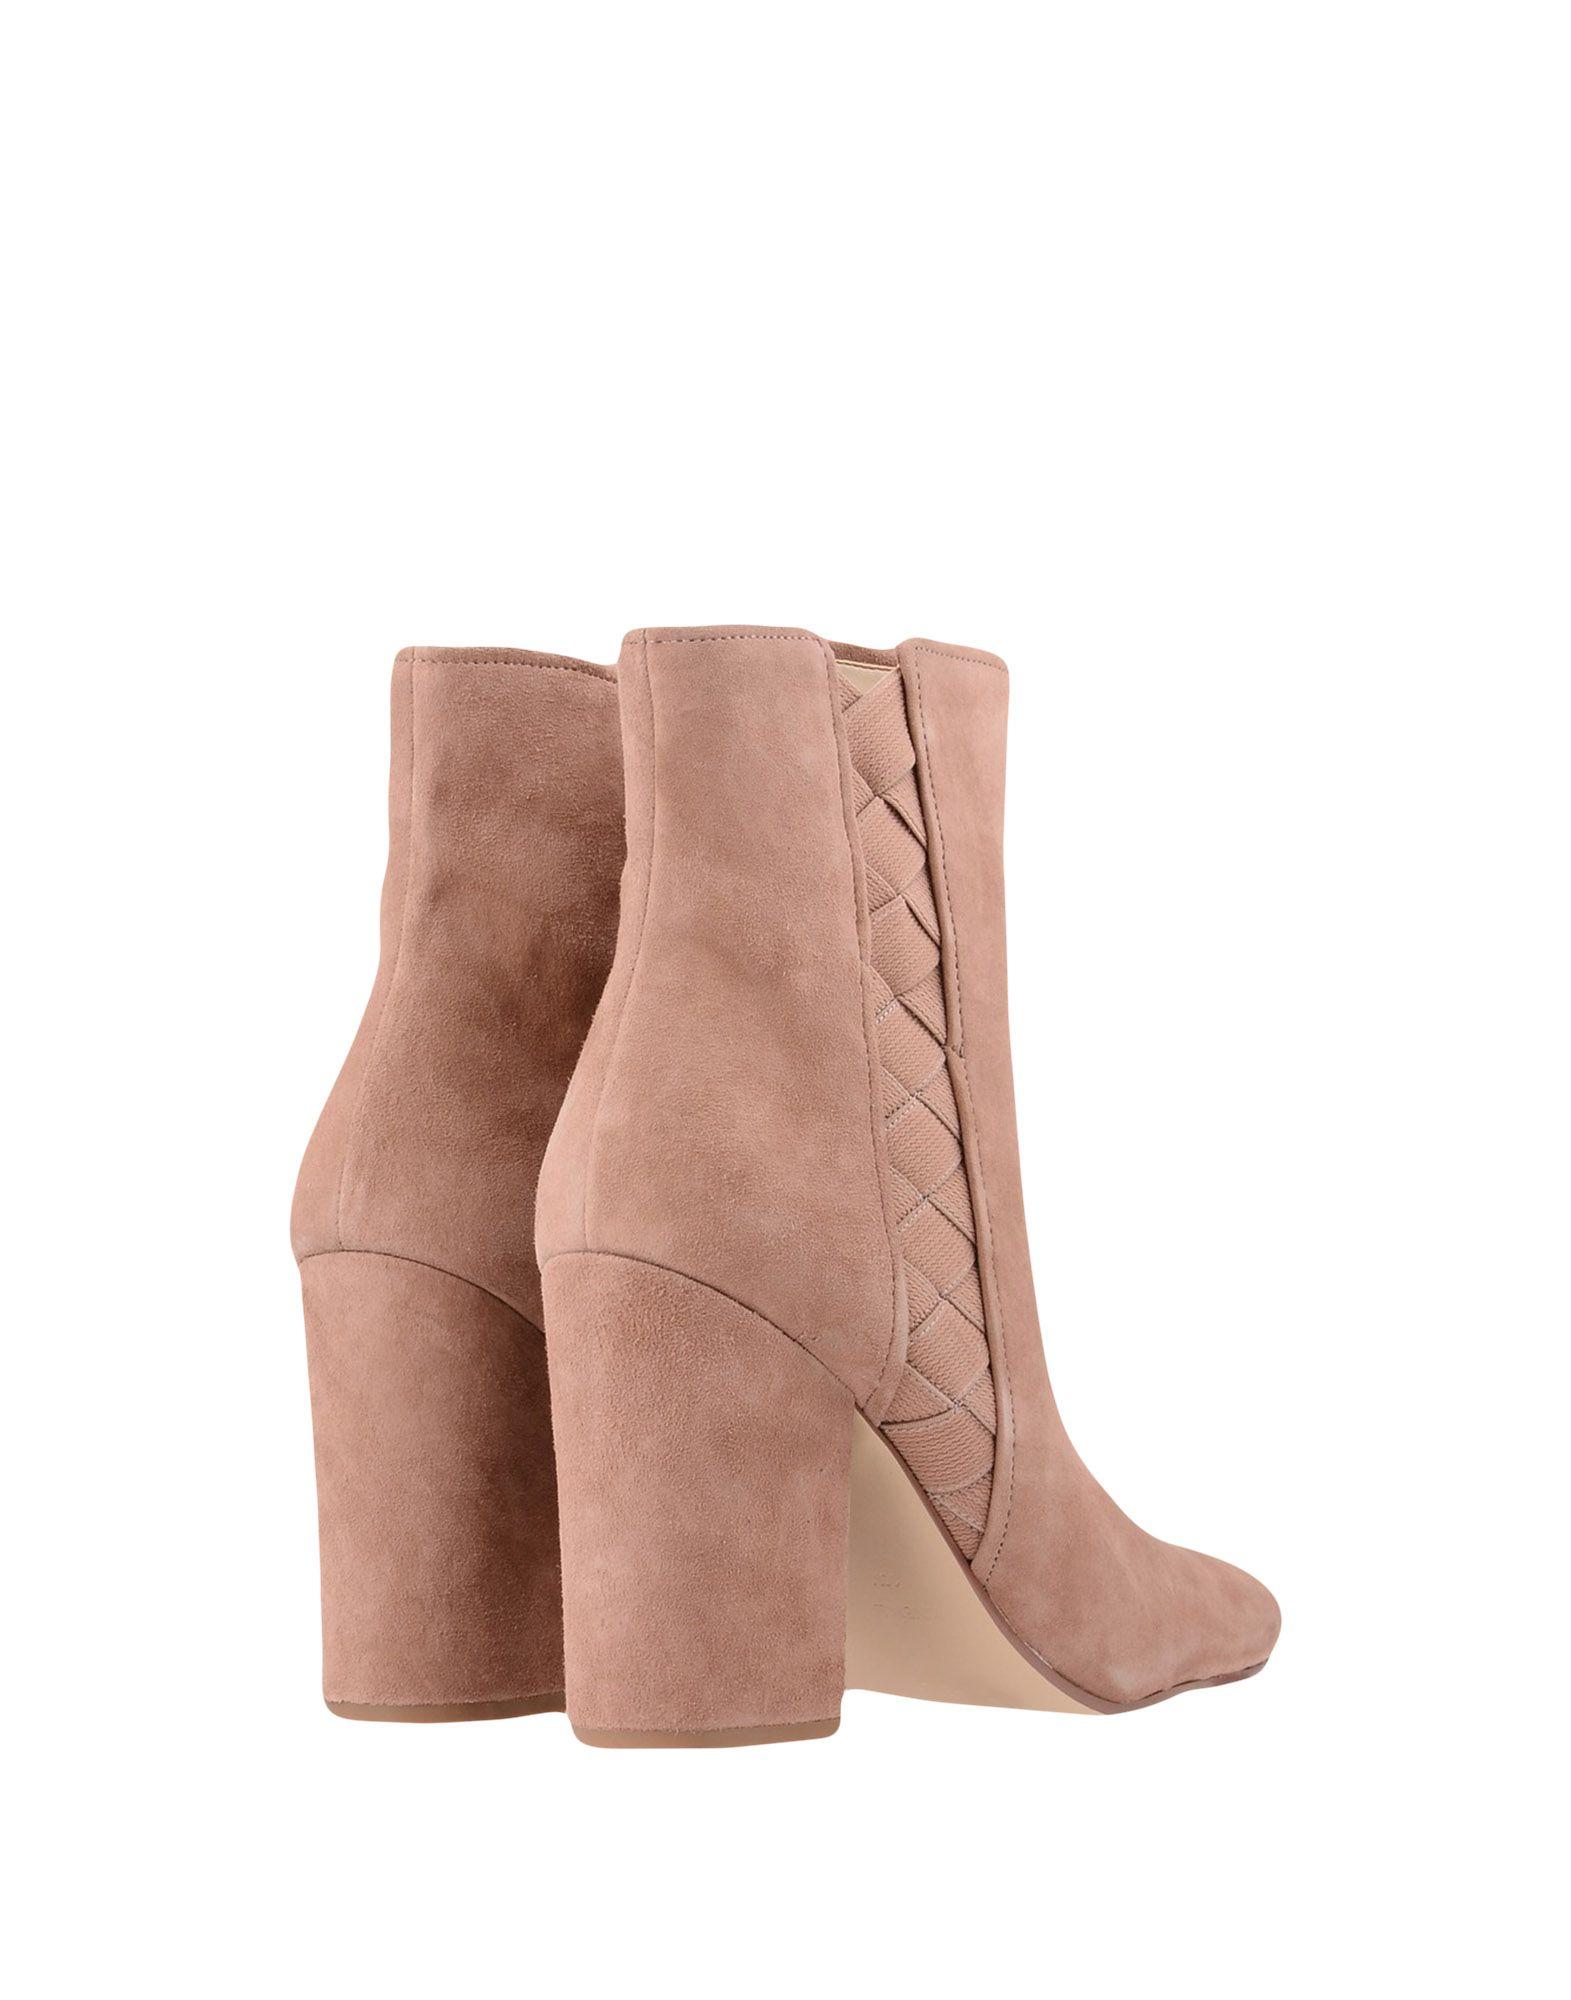 Gut um billige Stiefelette Schuhe zu tragenNine West Stiefelette billige Damen  11330769DQ 07779d